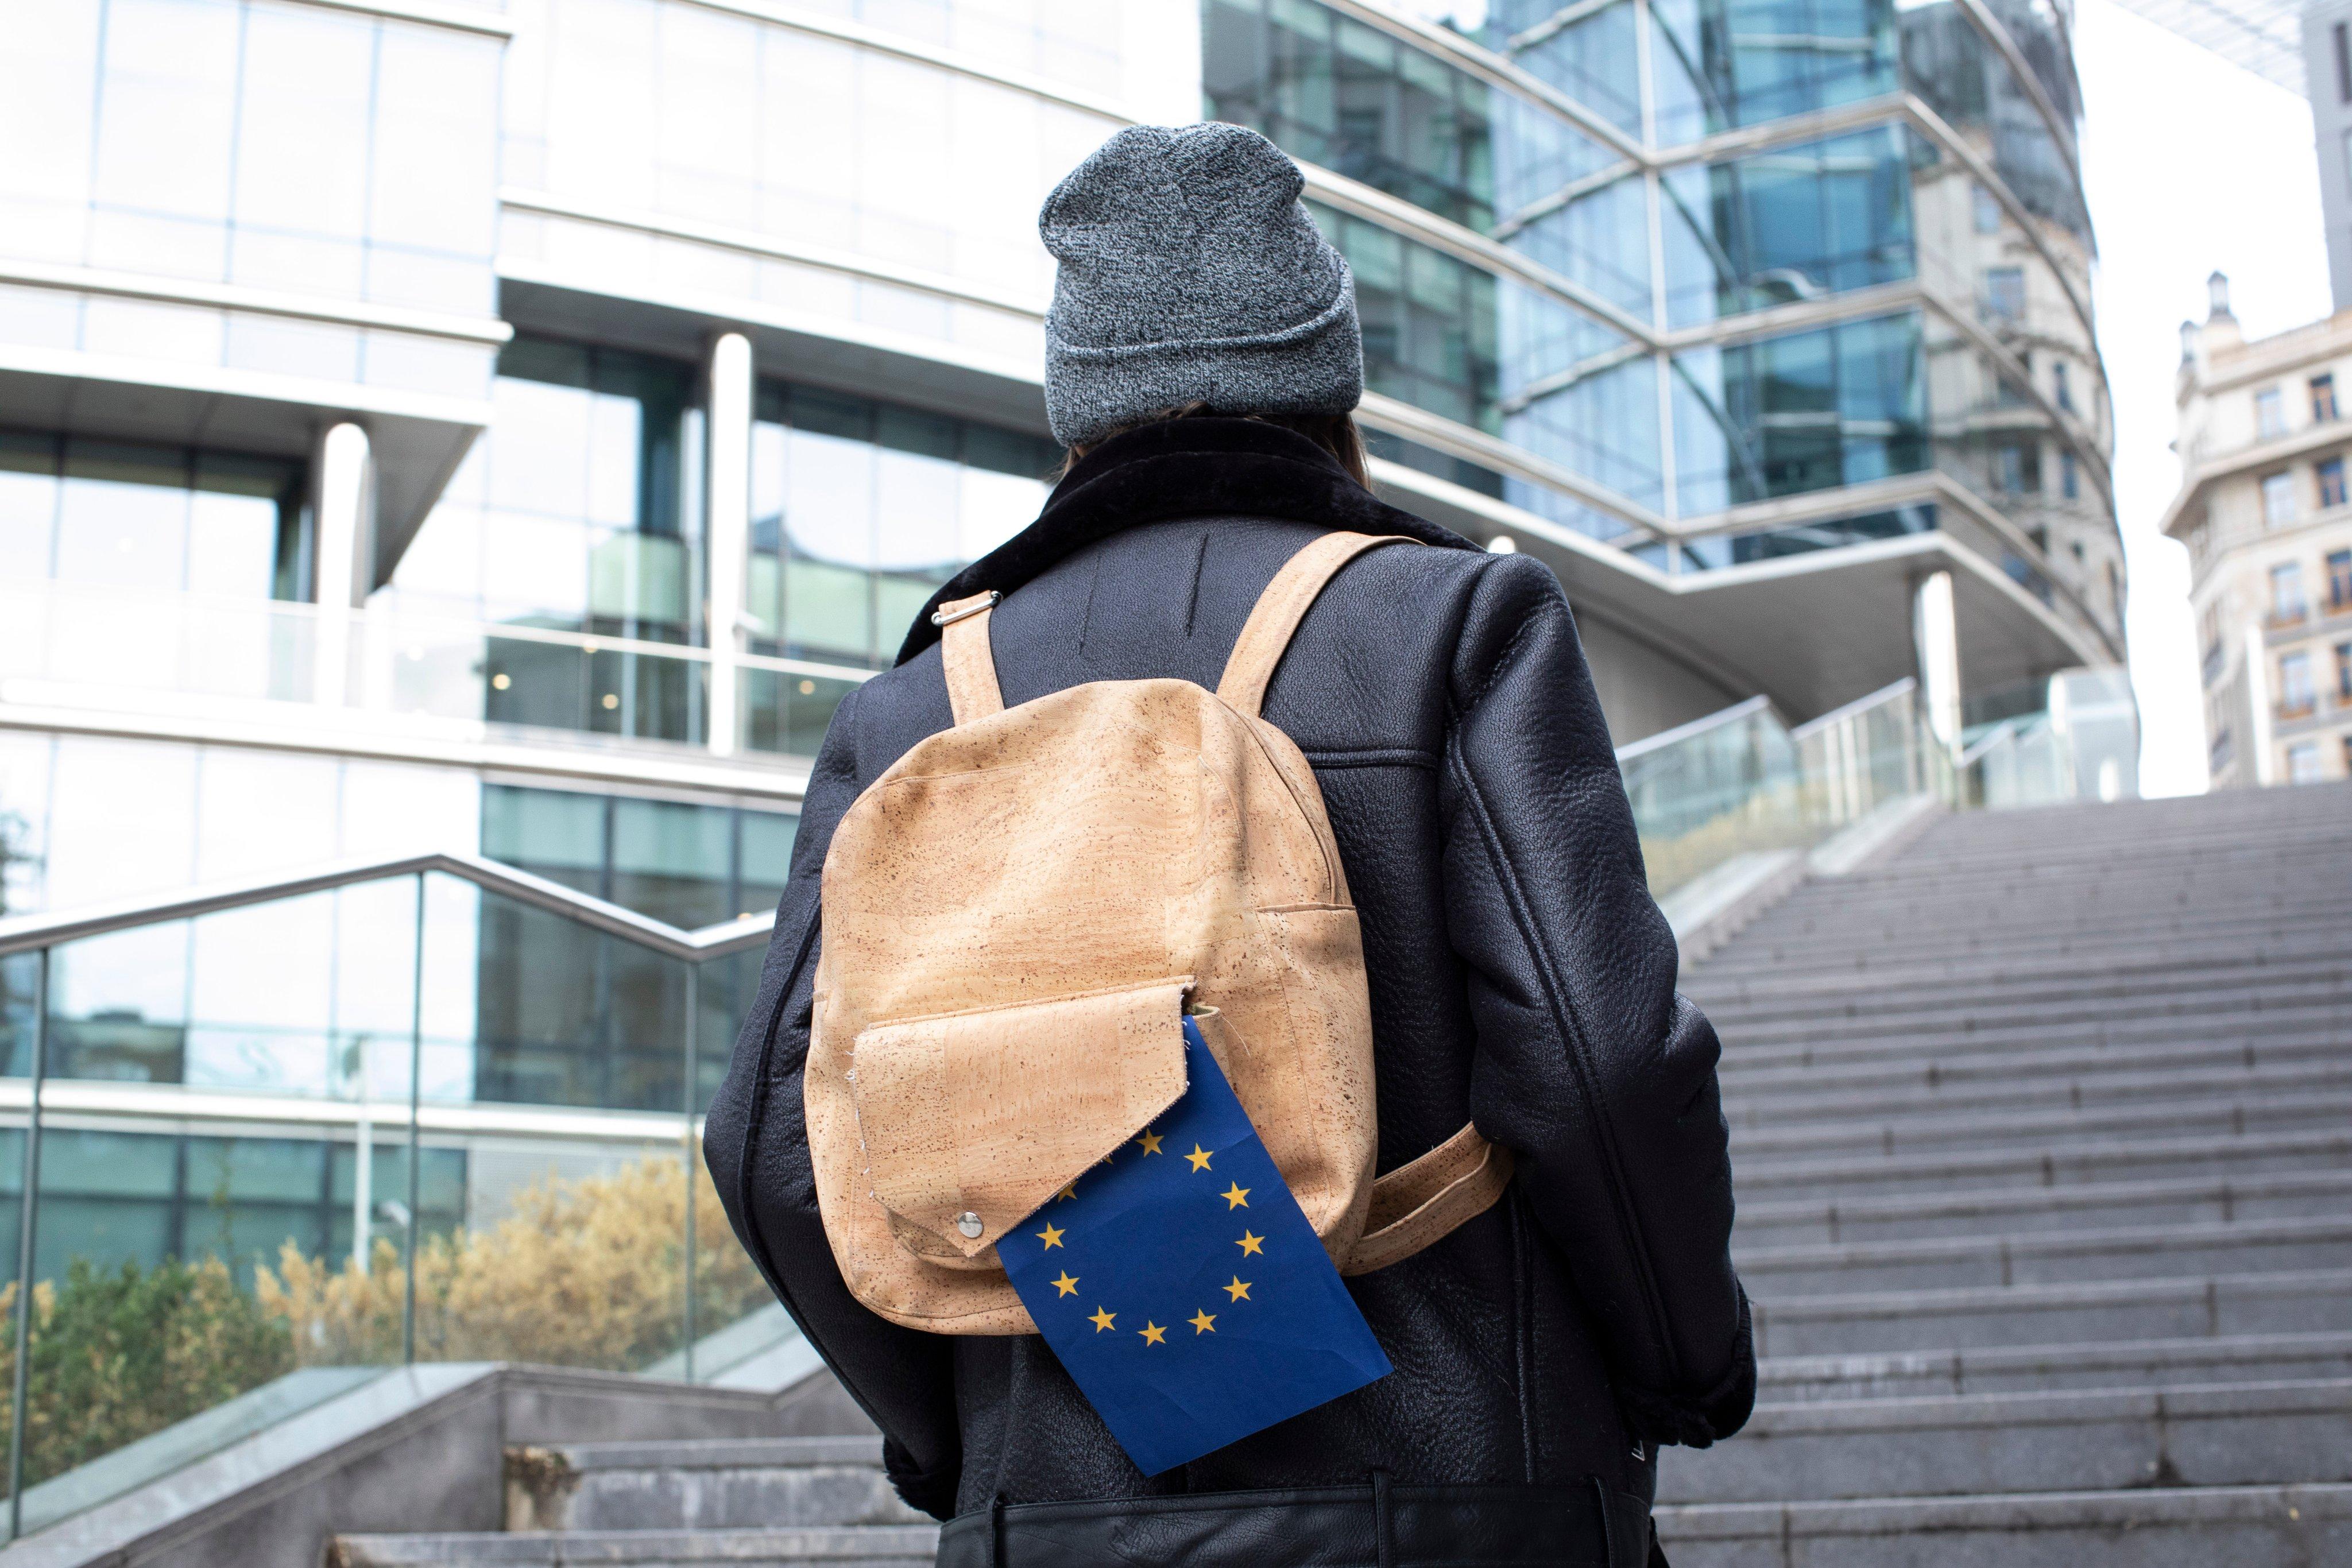 Erasmus+: La UE invertirá más de 3 000 millones de euros en jóvenes europeos para estudiar o formarse en el extranjero en 2020